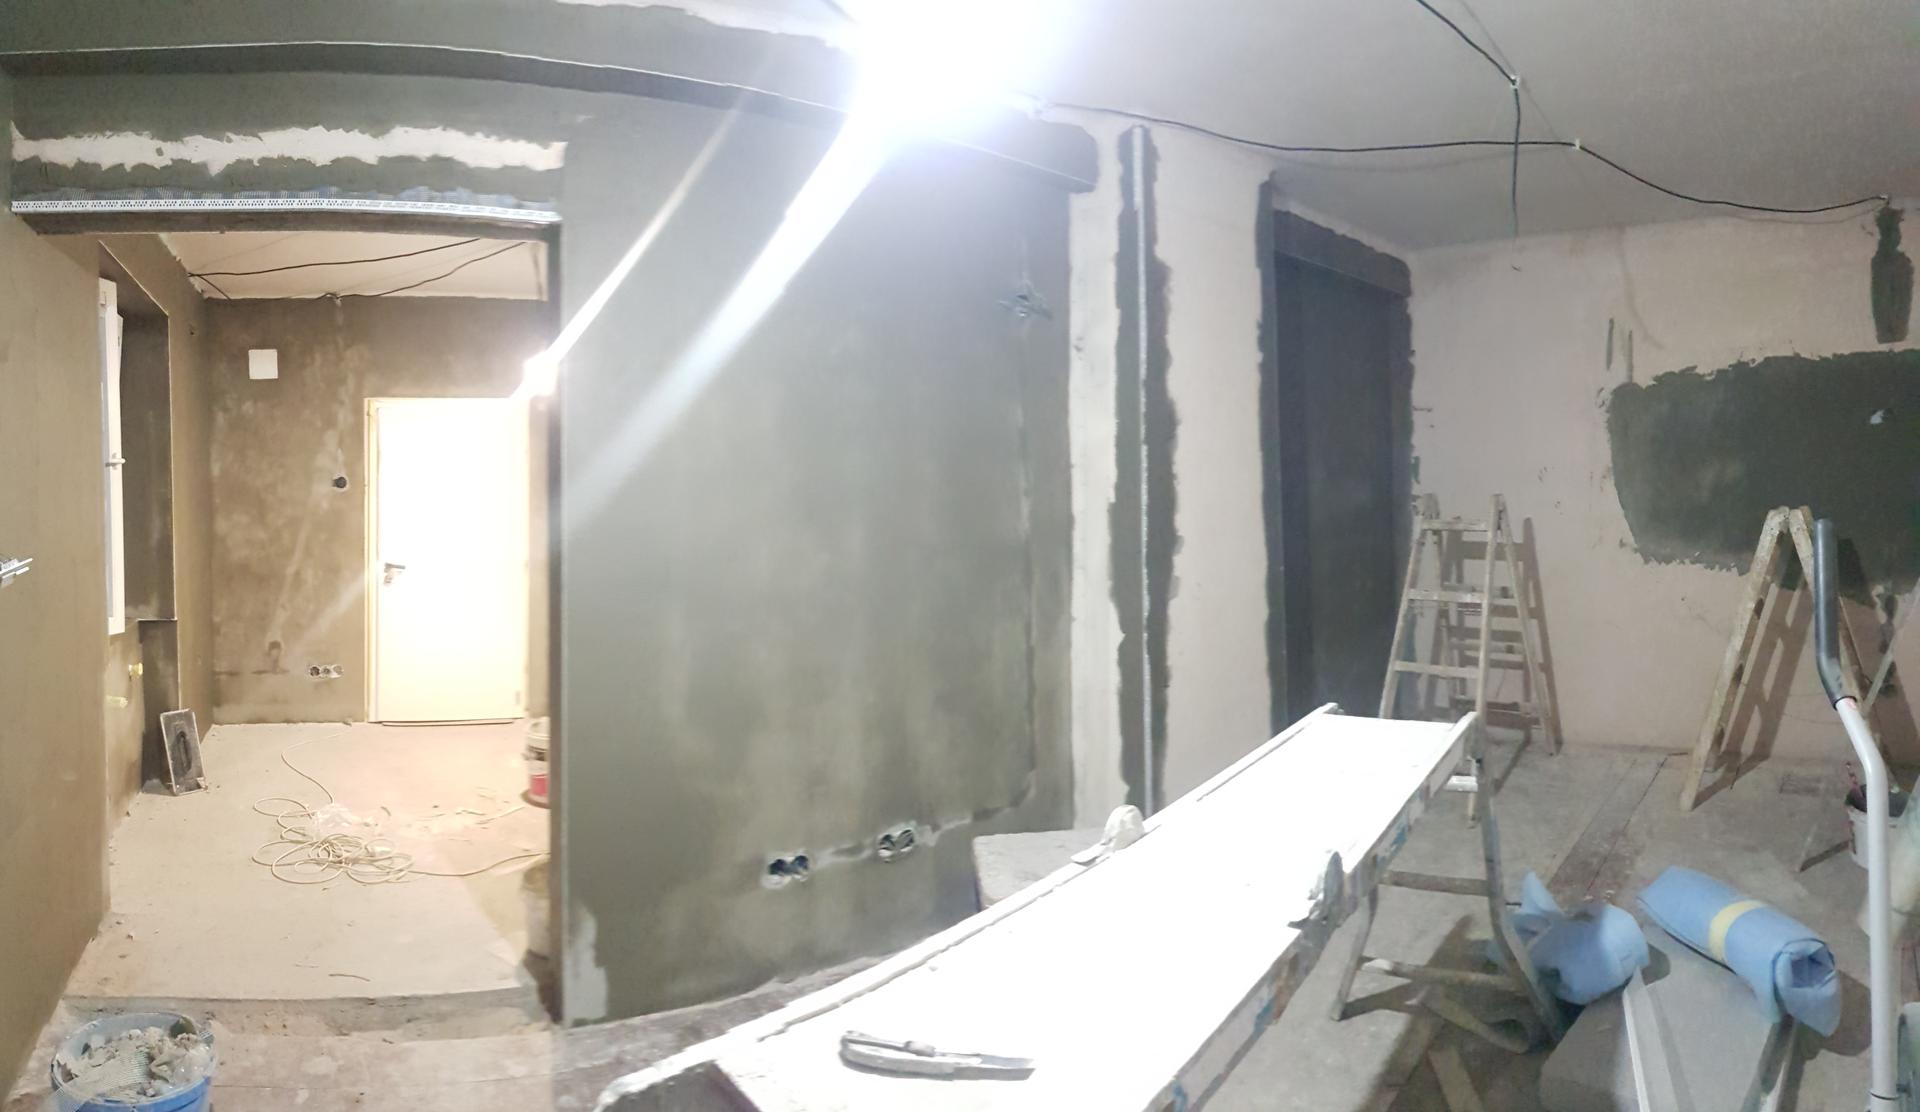 Naša rekonštrukcia - ... pomaly sa naťahuje lepidlo aj v druhej izbe